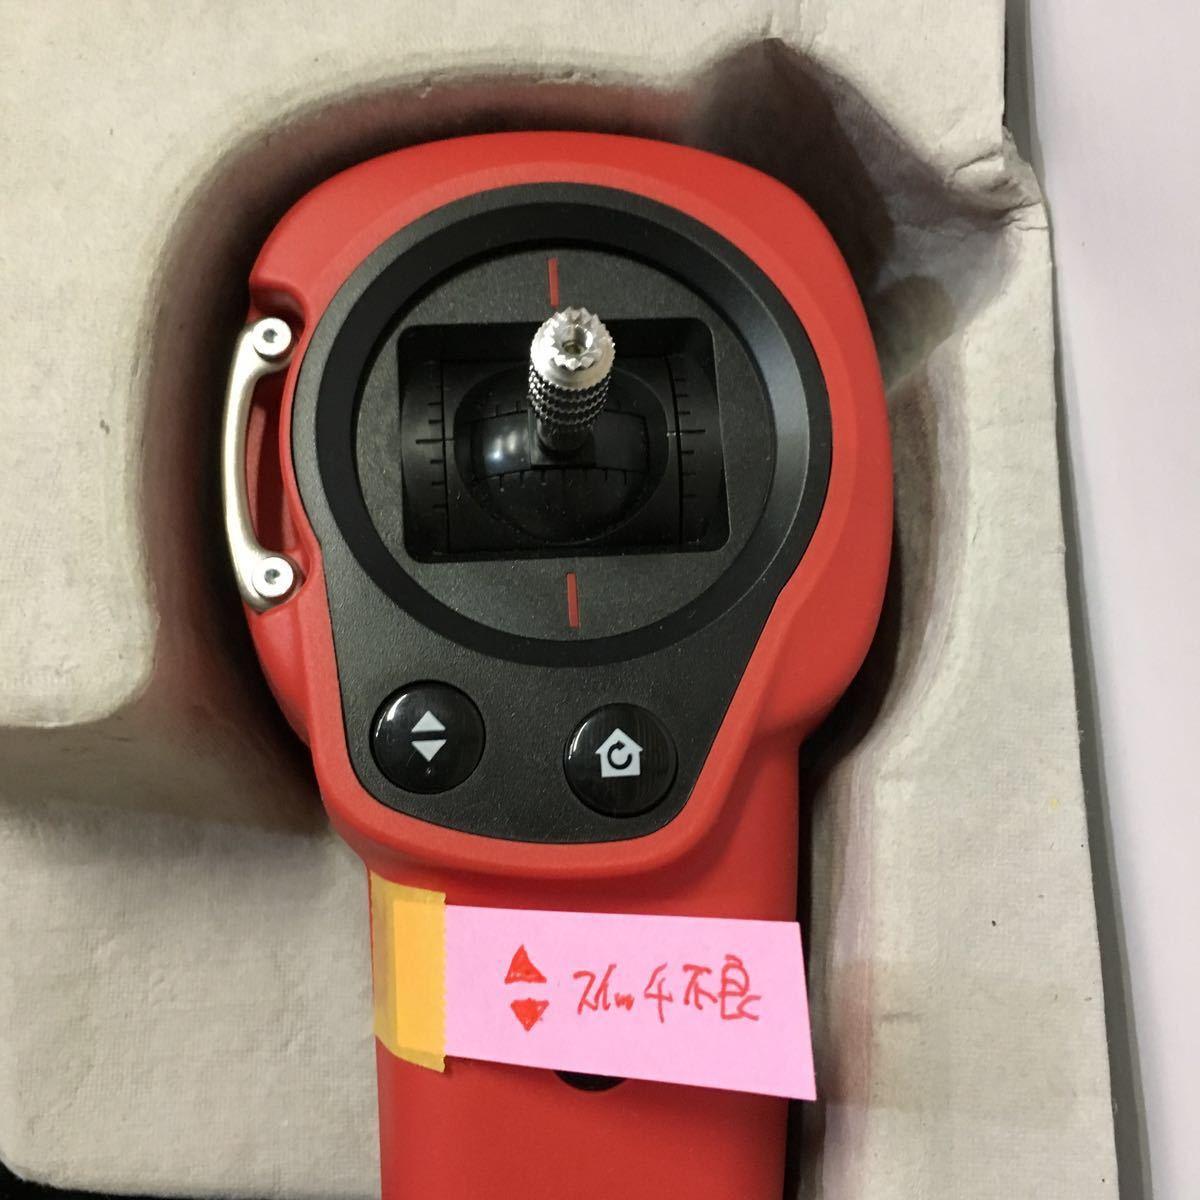 ジャンク品 【国内正規品】Parrot ドローン Bebop Drone + Skycontroller 1400万画素魚眼 8GB 内部フラッシュメモリー レッド_画像5